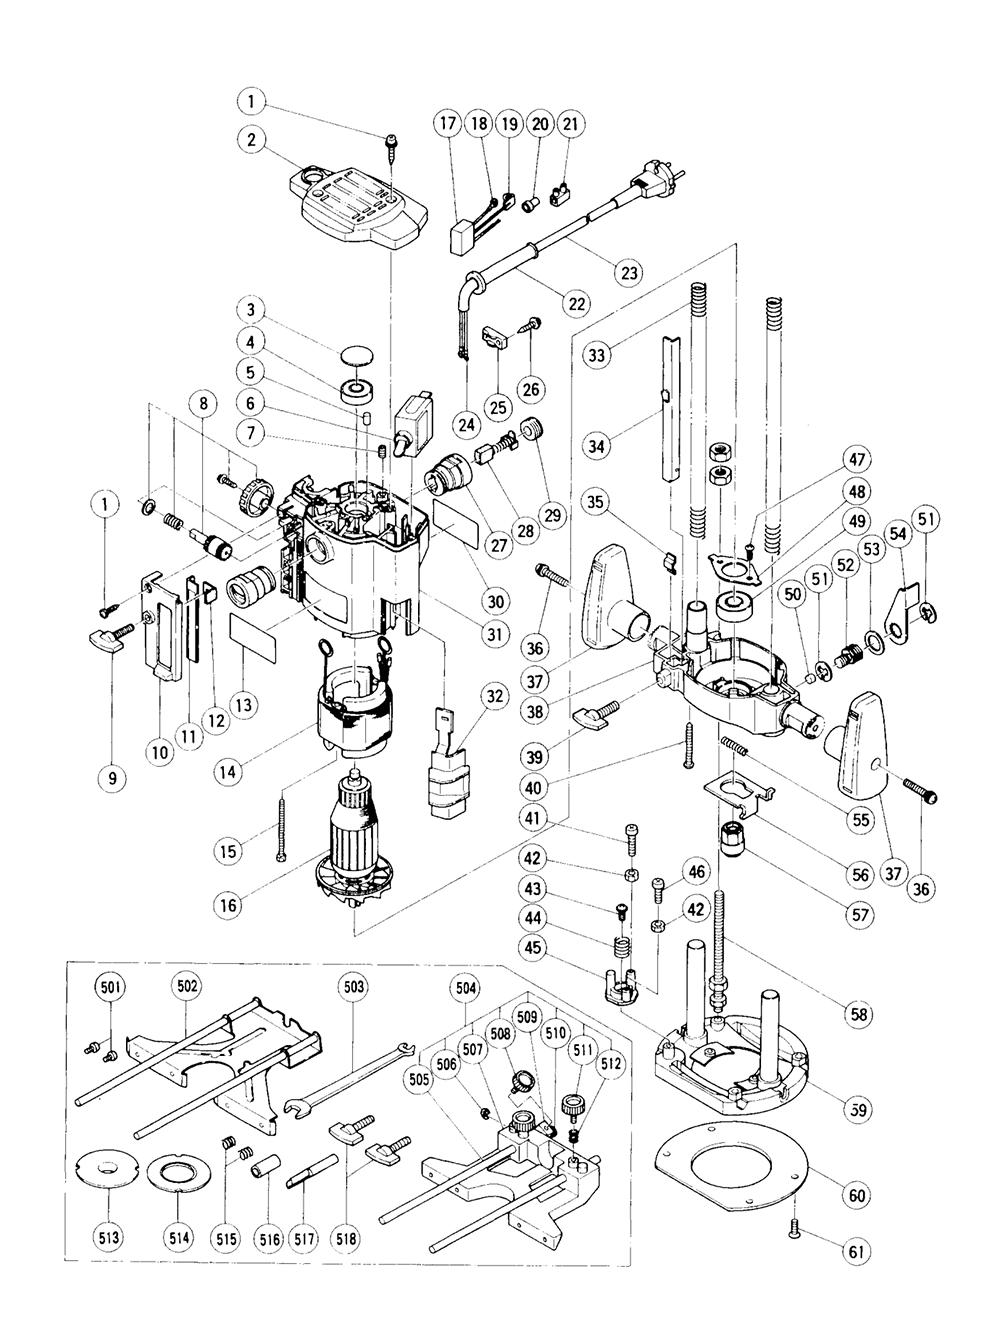 Hitachi M8 Parts List